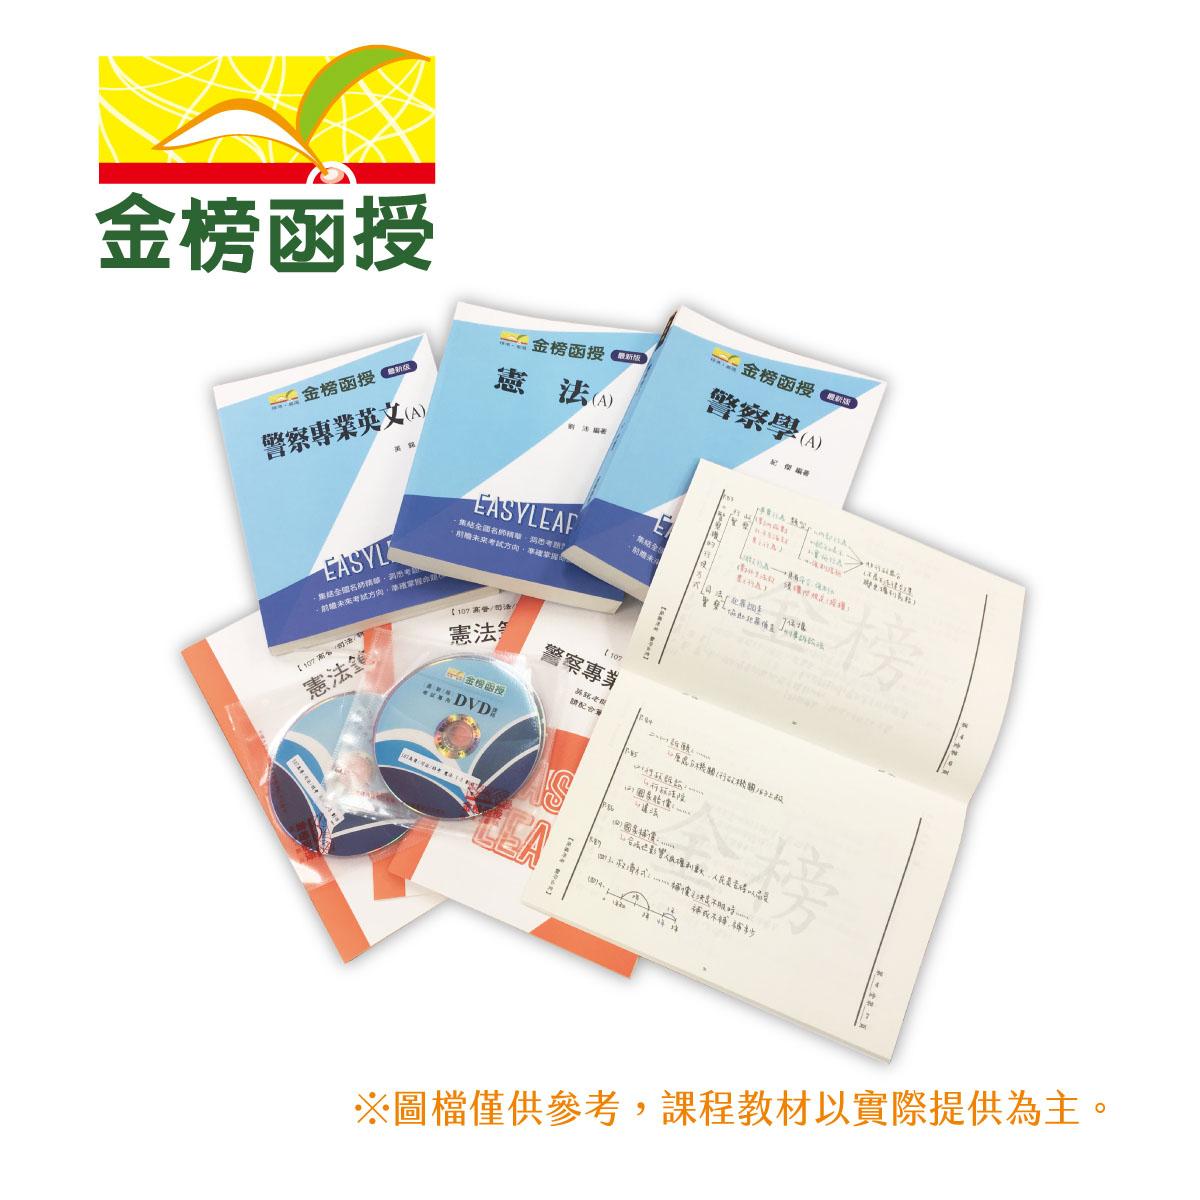 107金榜函授/地方特考/四等/全套/财税行政/DVD